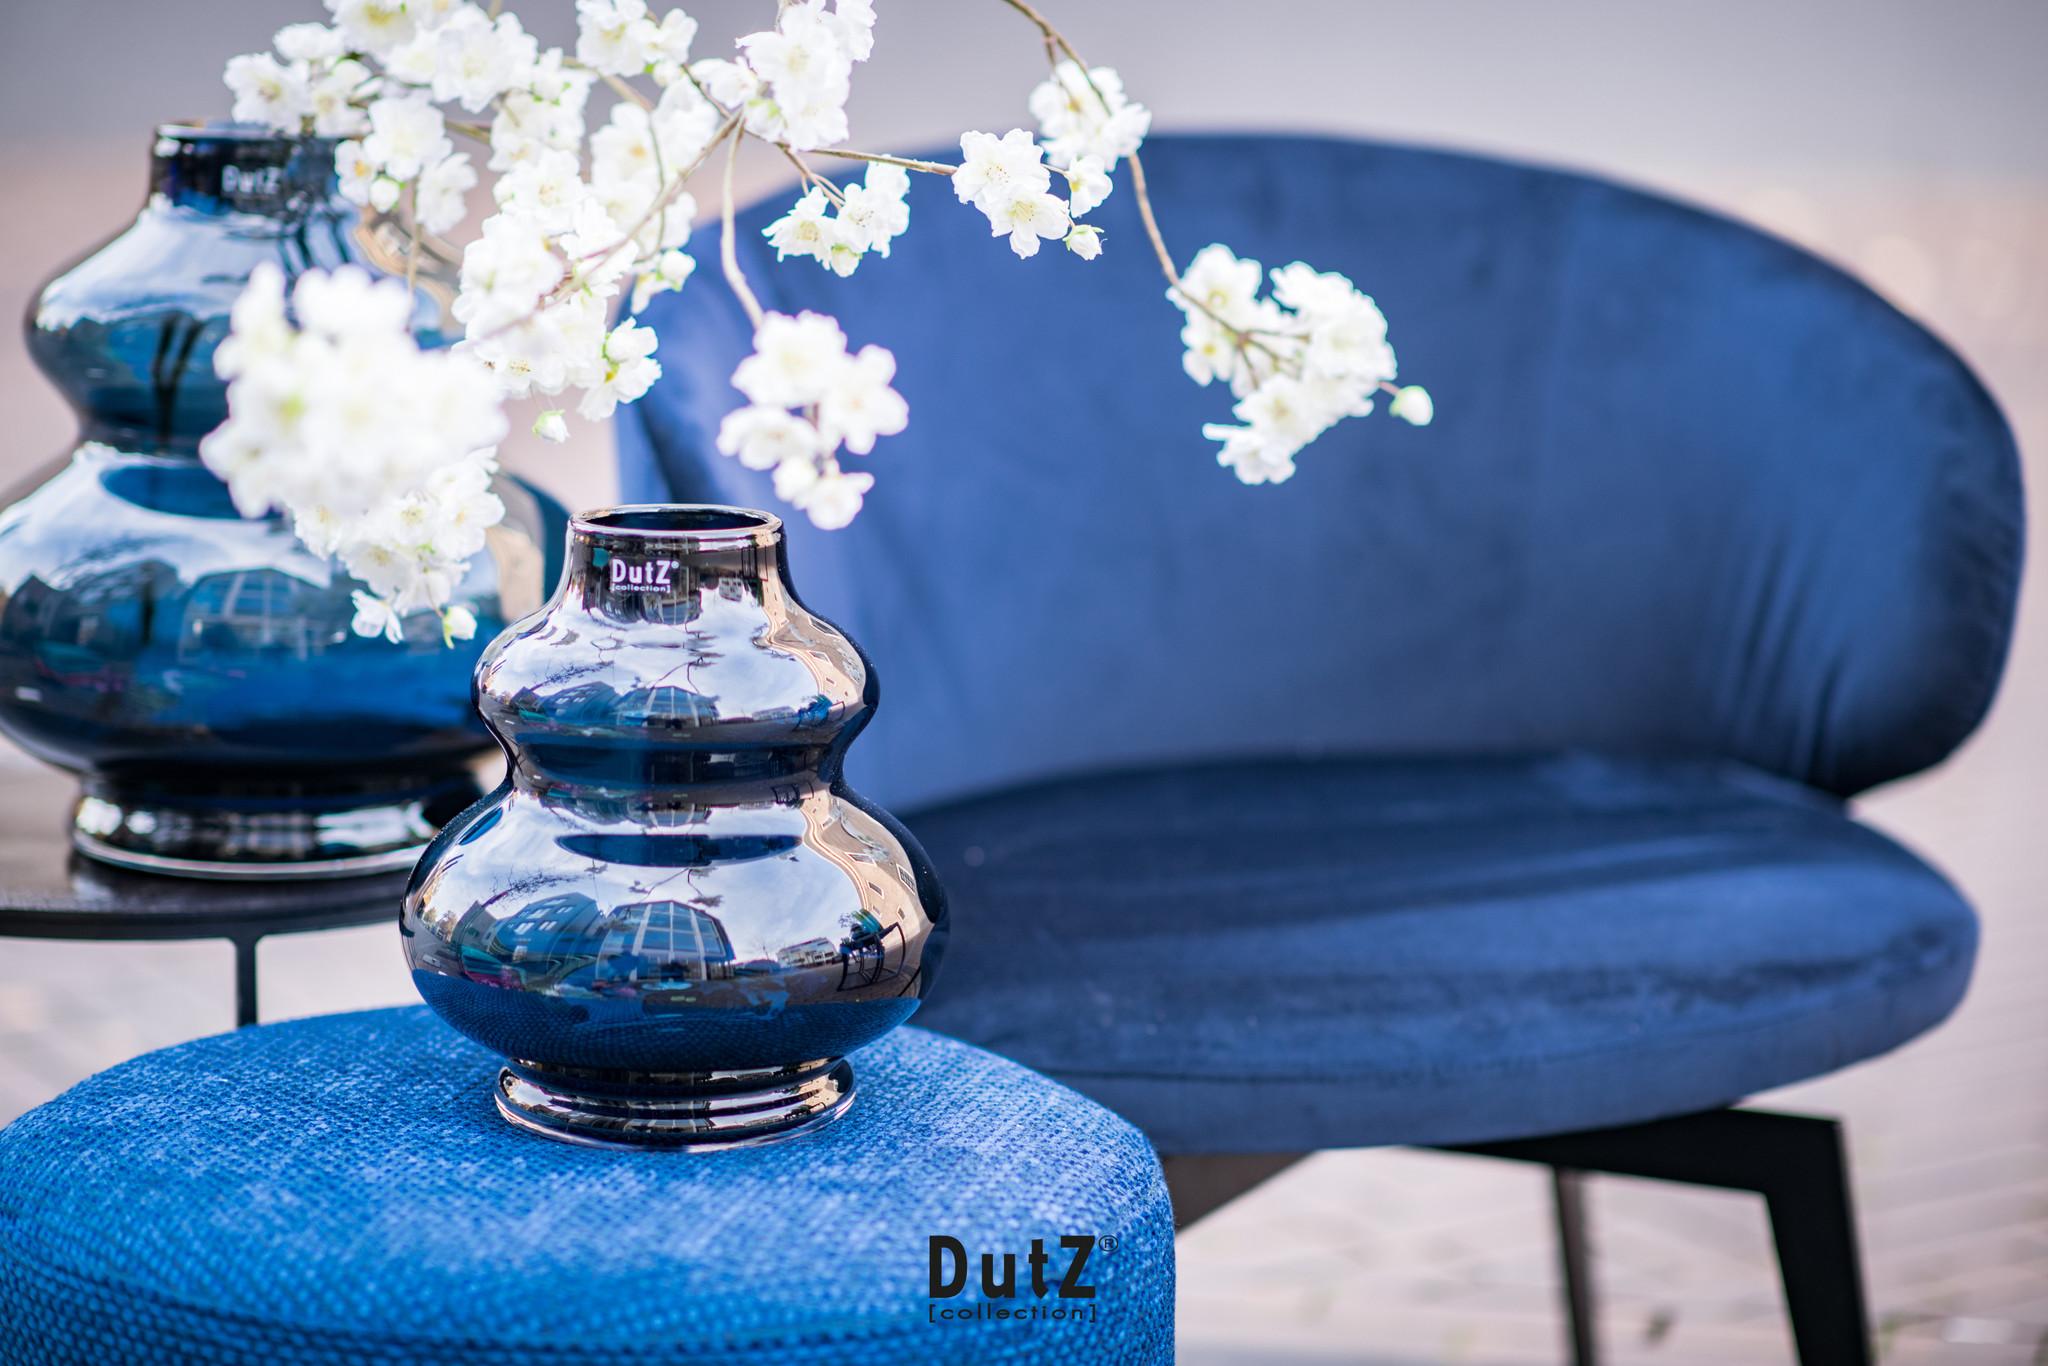 DutZ Vase Skrzyszow nightblue - H25/ H35 cm